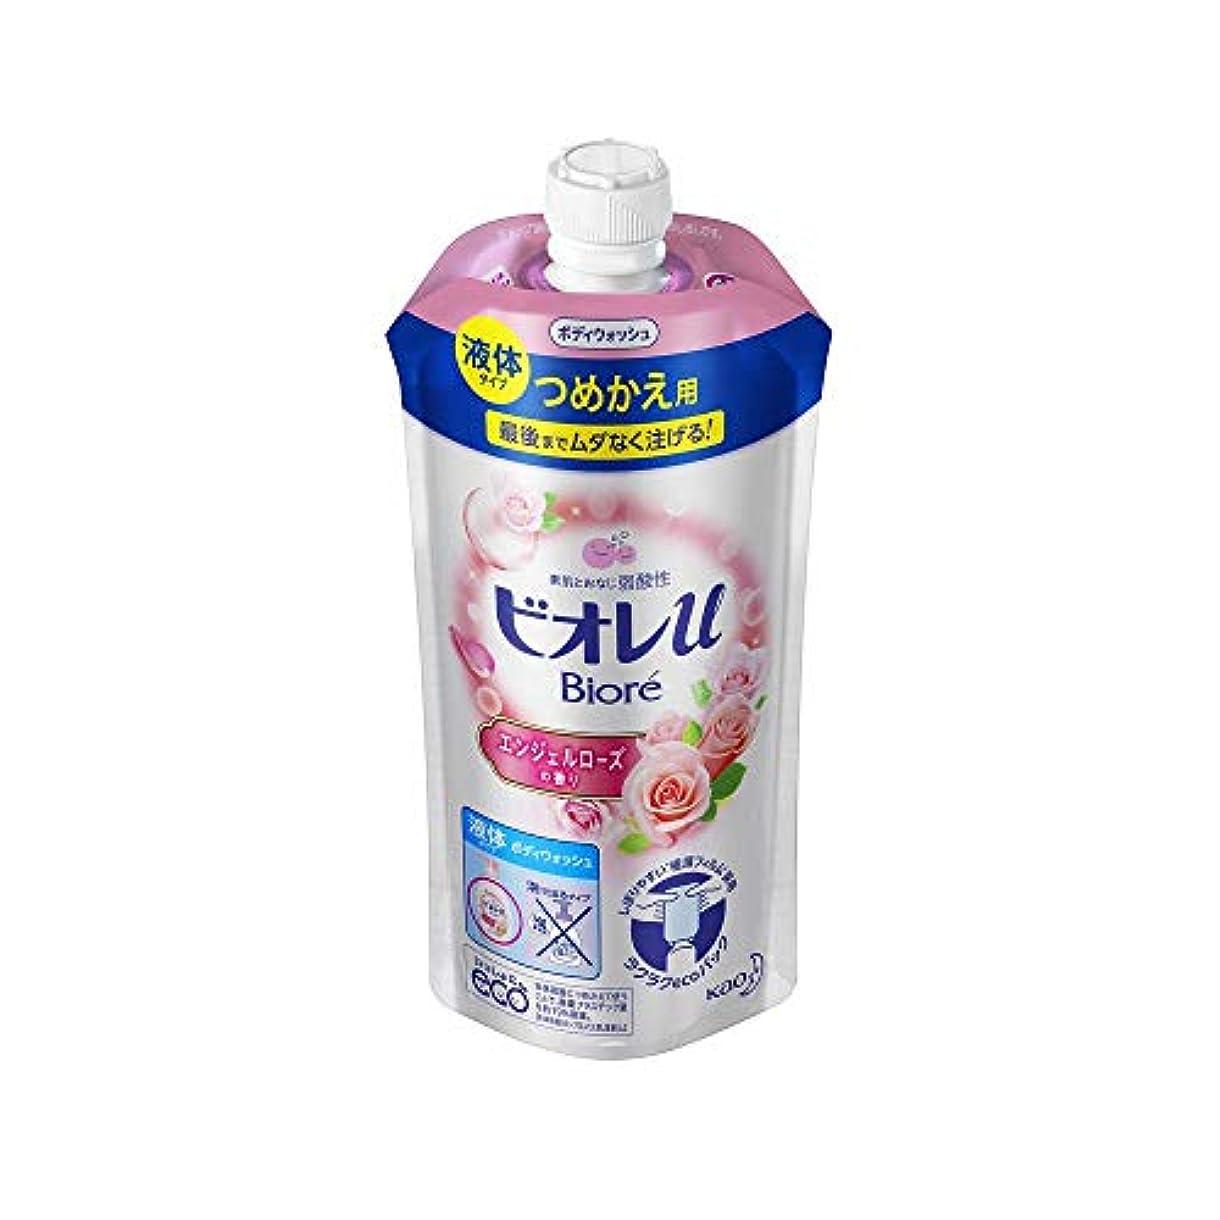 なんとなくりワークショップ花王 ビオレu エンジェルローズの香りつめかえ用 340ML